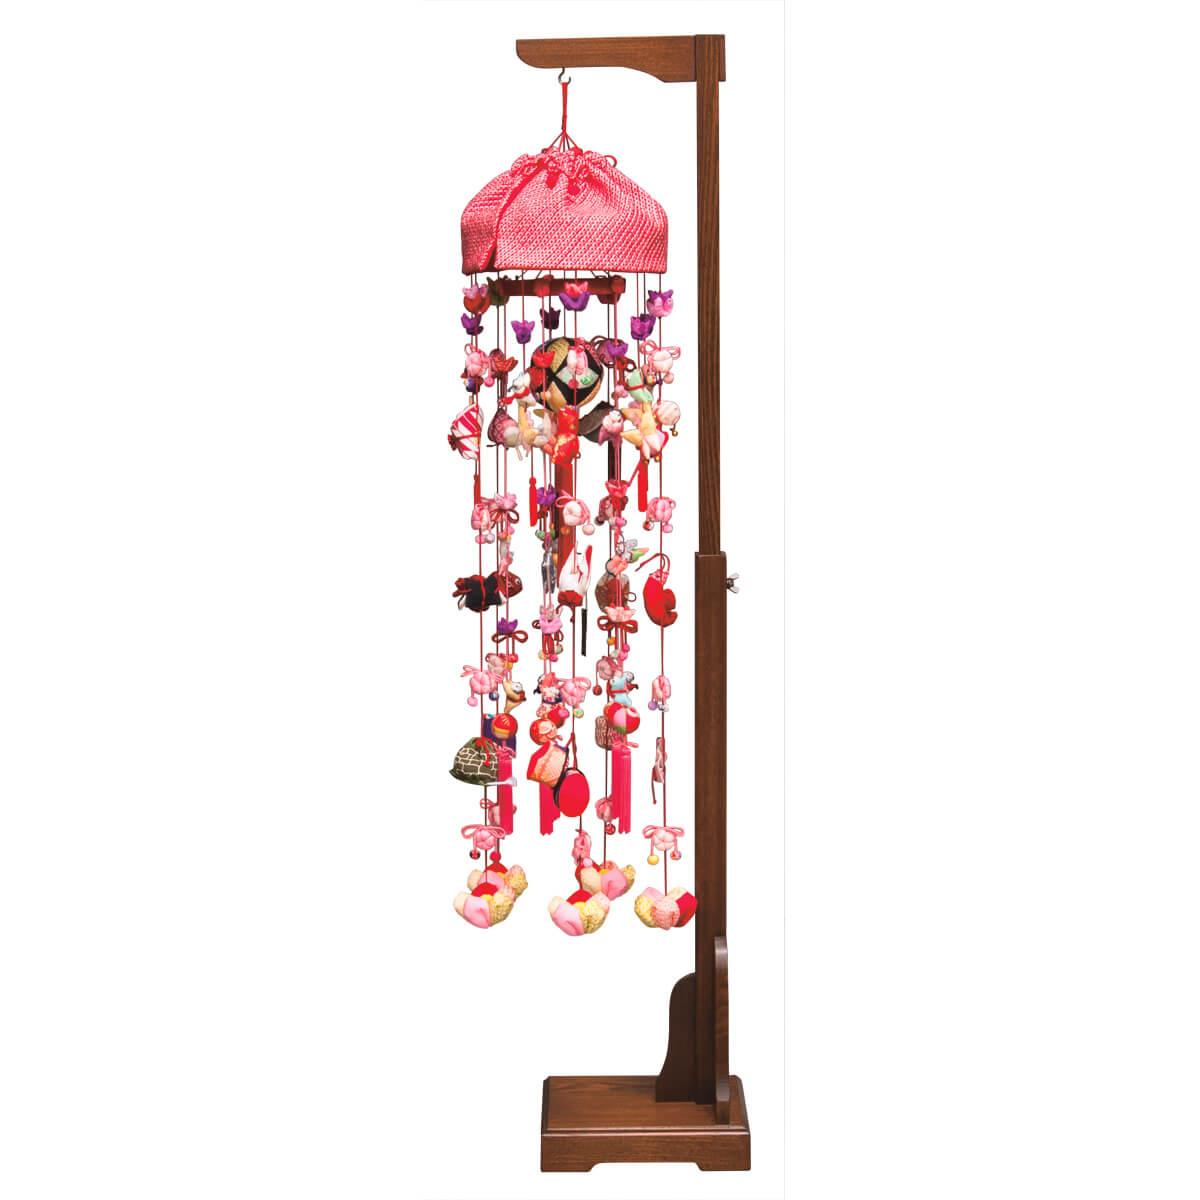 正絹雪割草 二連 伸縮スタンド付 TRS-H-332394送料無料 ※北海道 沖縄は除く つるし雛 吊るし飾り で 桃の節句 雛祭り ひな祭り 雛人形 のお祝いに